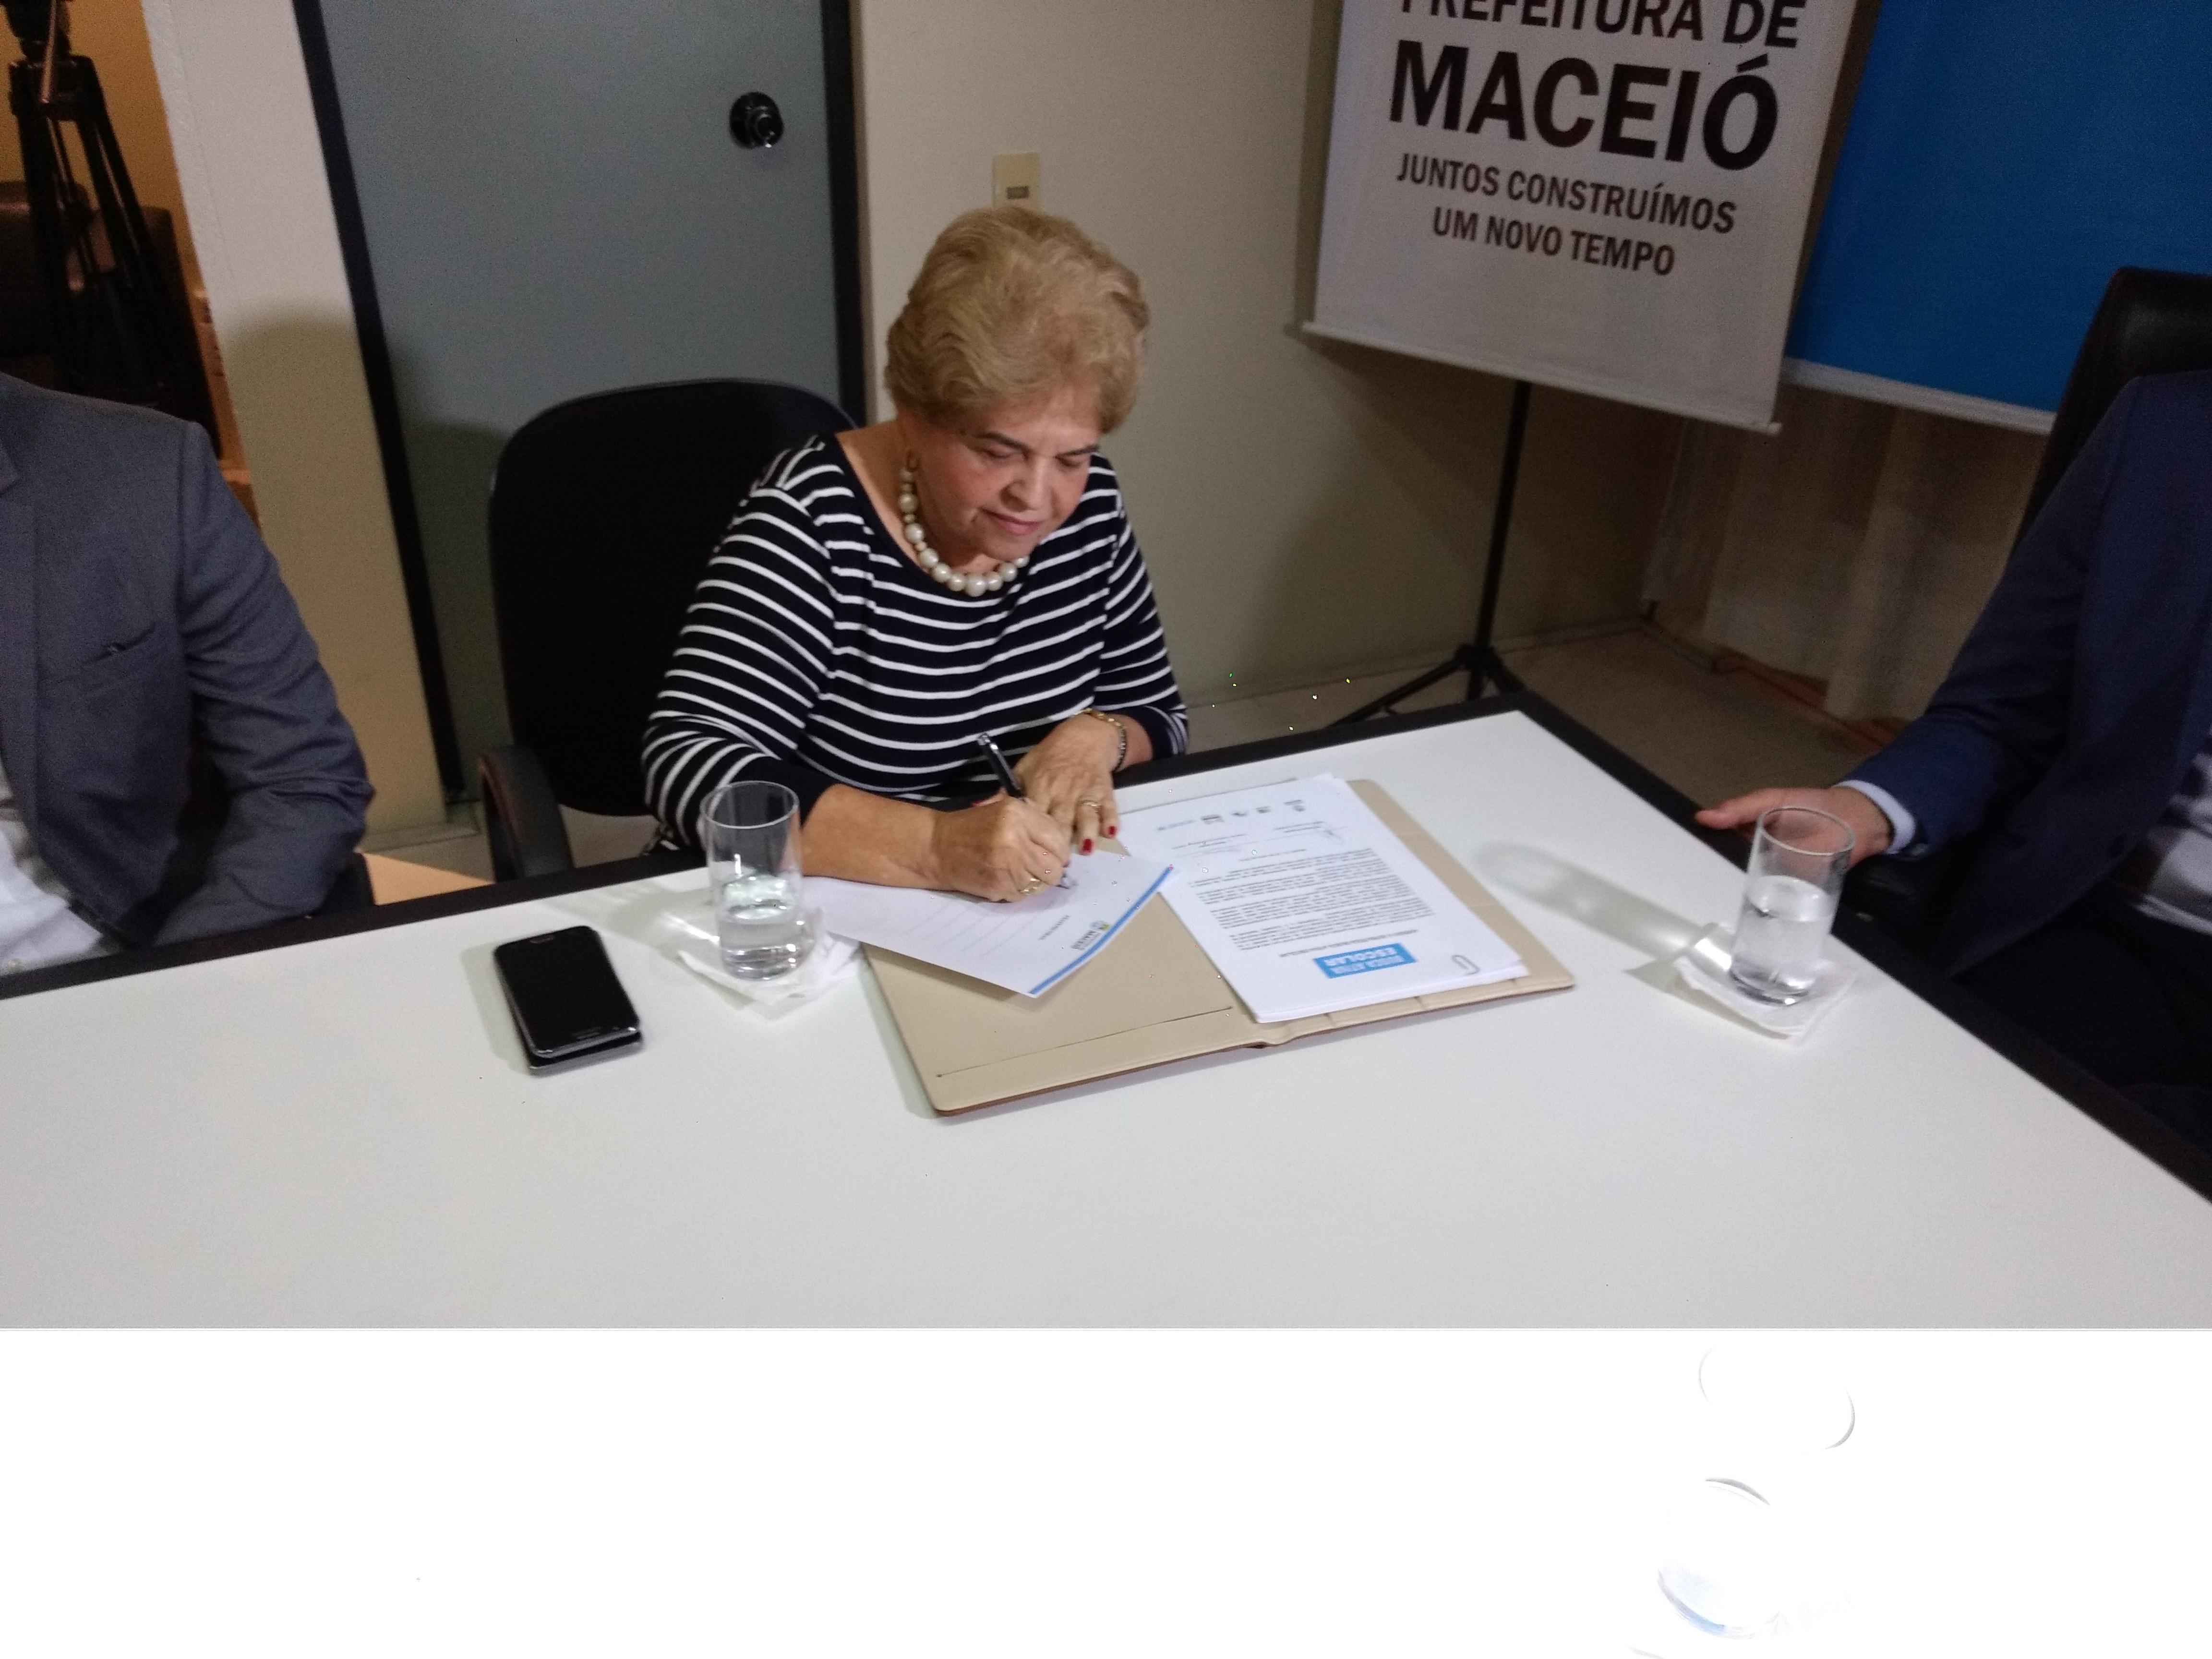 Parceria Undime Busca Ativa Prefeitura de Maceió